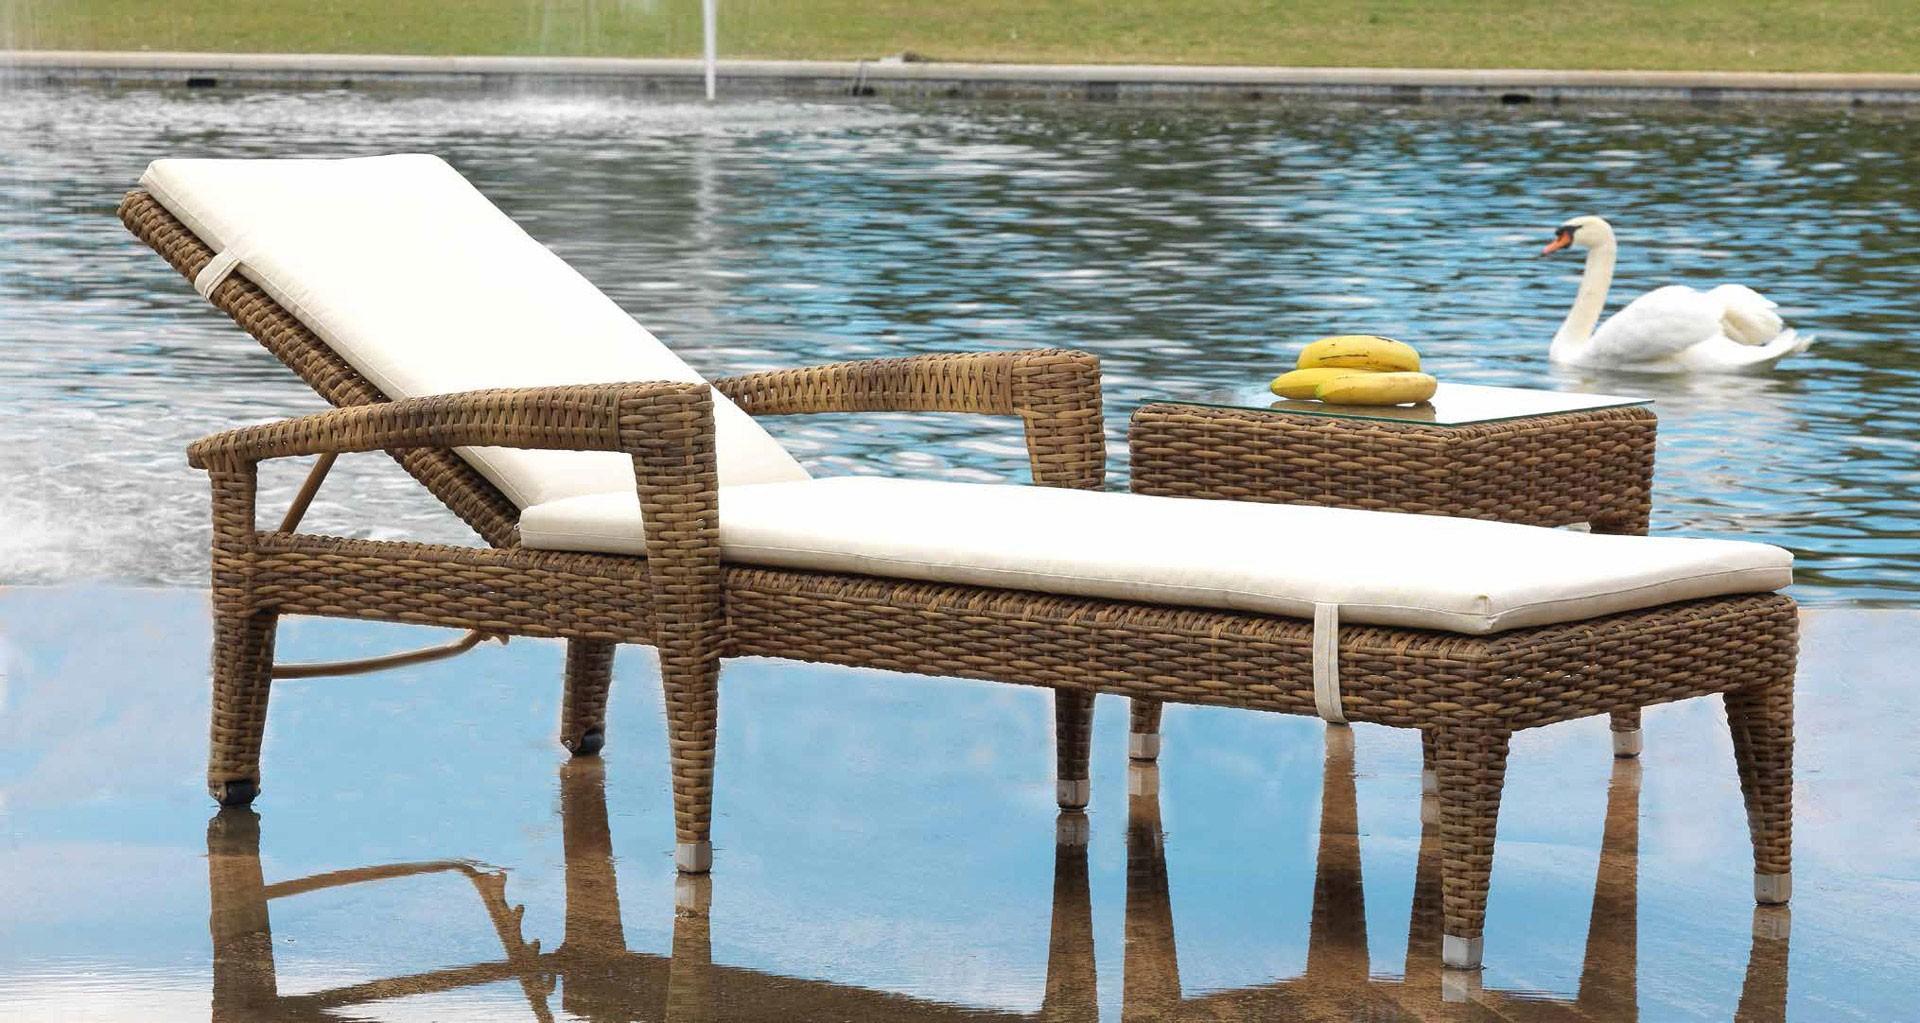 La comodidad llega a tu terraza a bordo de tumbonas y hamacas blog de muebles y decoraci n - Piscinas de patas ...